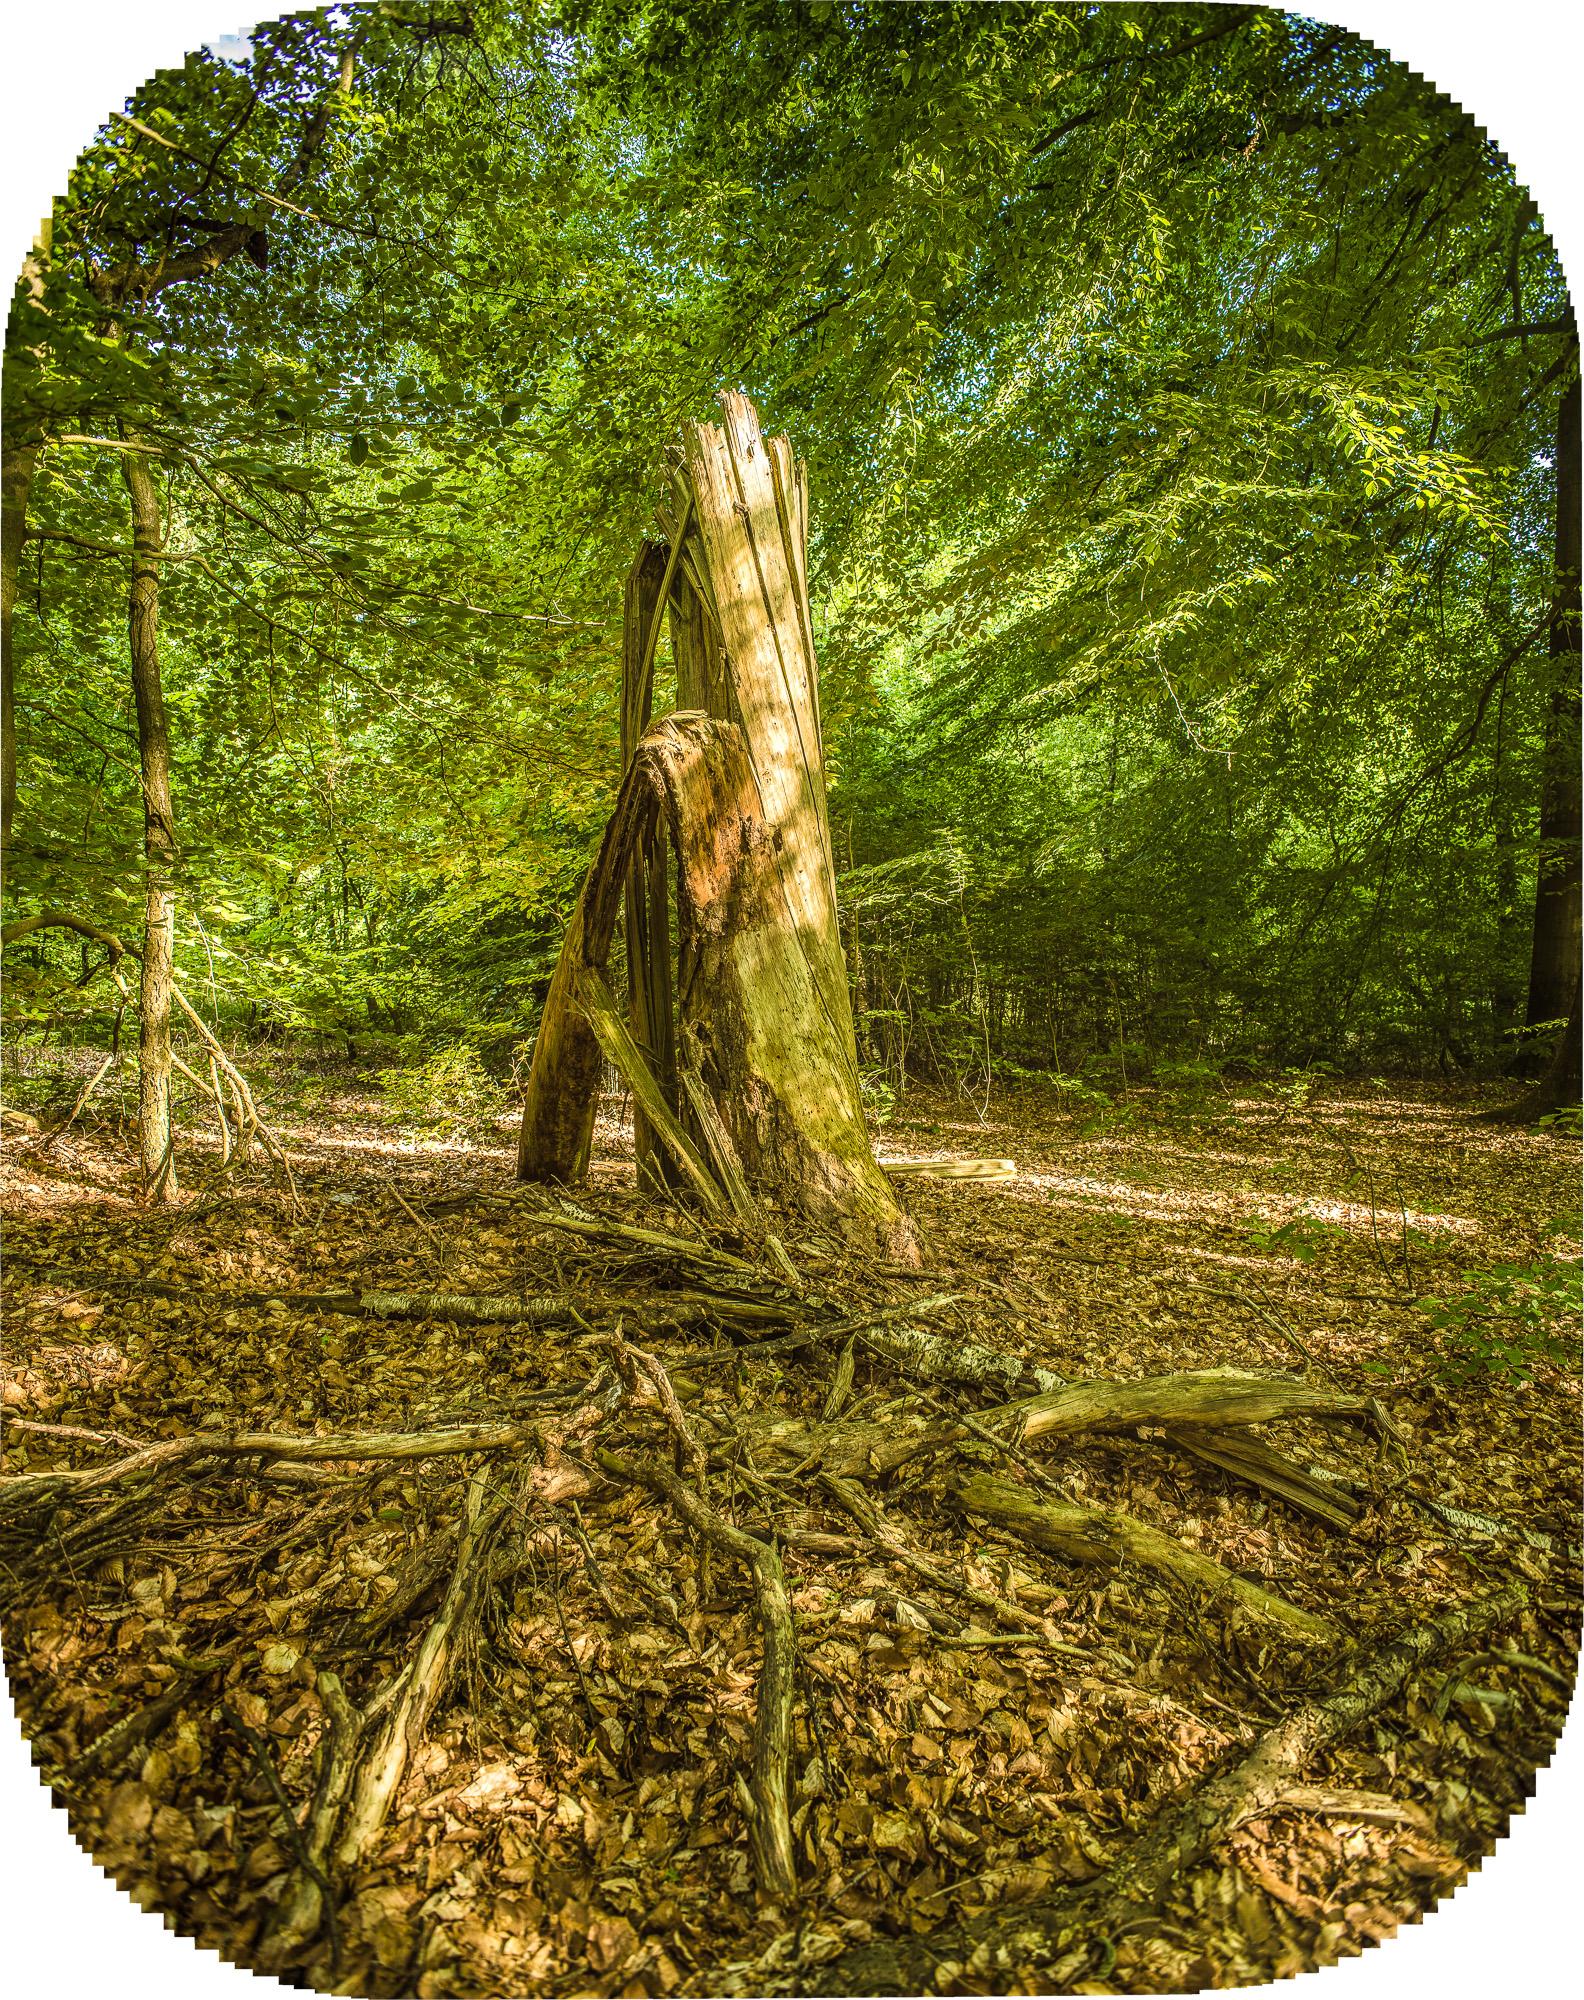 Geknickter Stamm im Wald, zartes Abendlicht auf grünem Laub